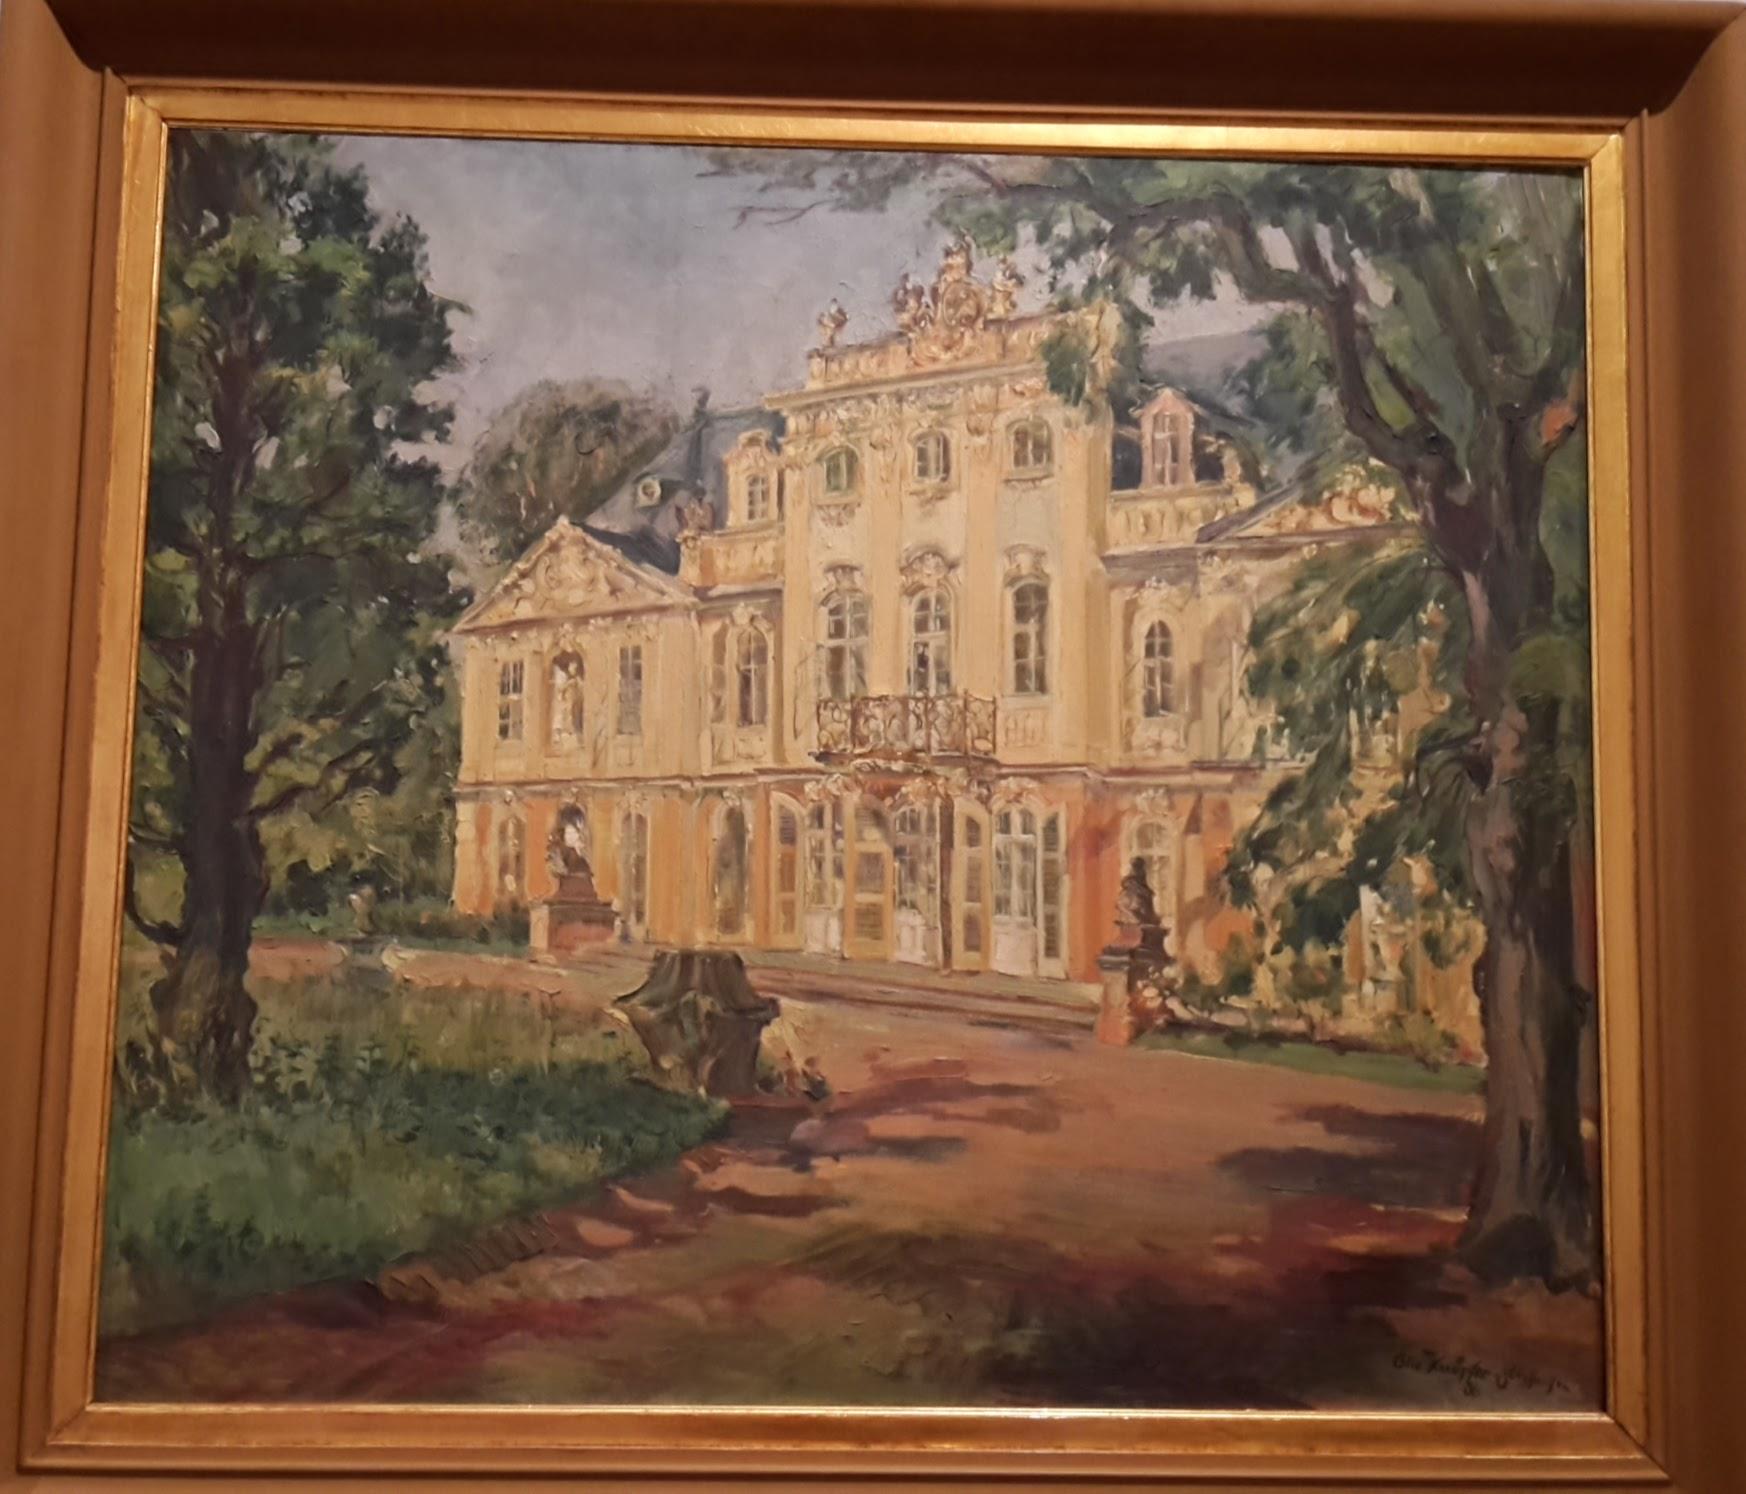 2017.11.07_22 Park und Schloss MOLSDORF Ausstellung